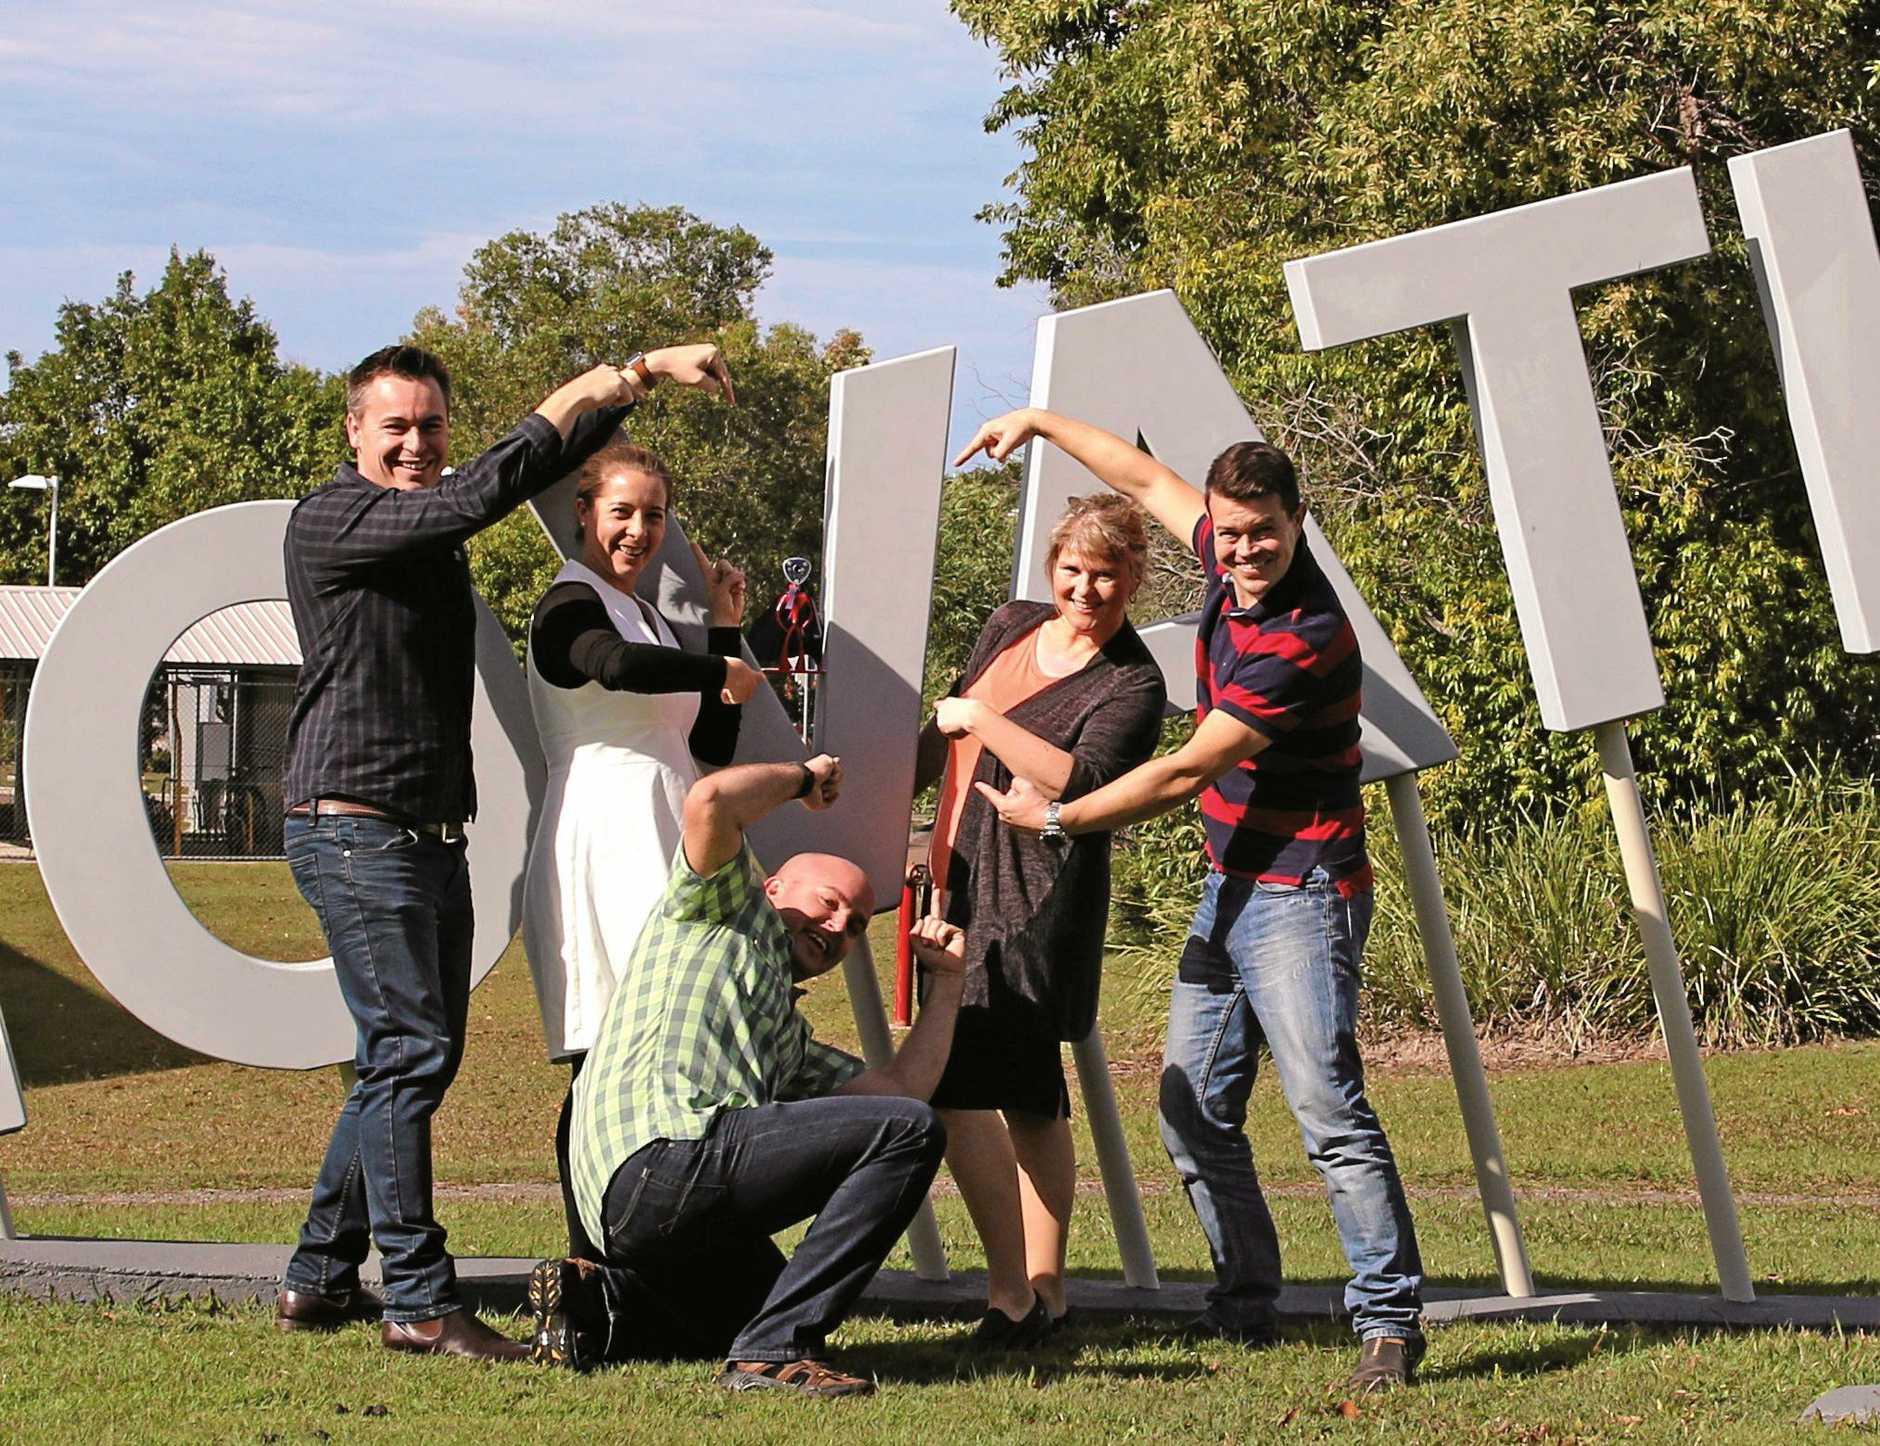 The Guzu team: Tim Mobbs (left), Jessie Groom, Beau Sagadin, Kat Lundmark, Russell Lotric.